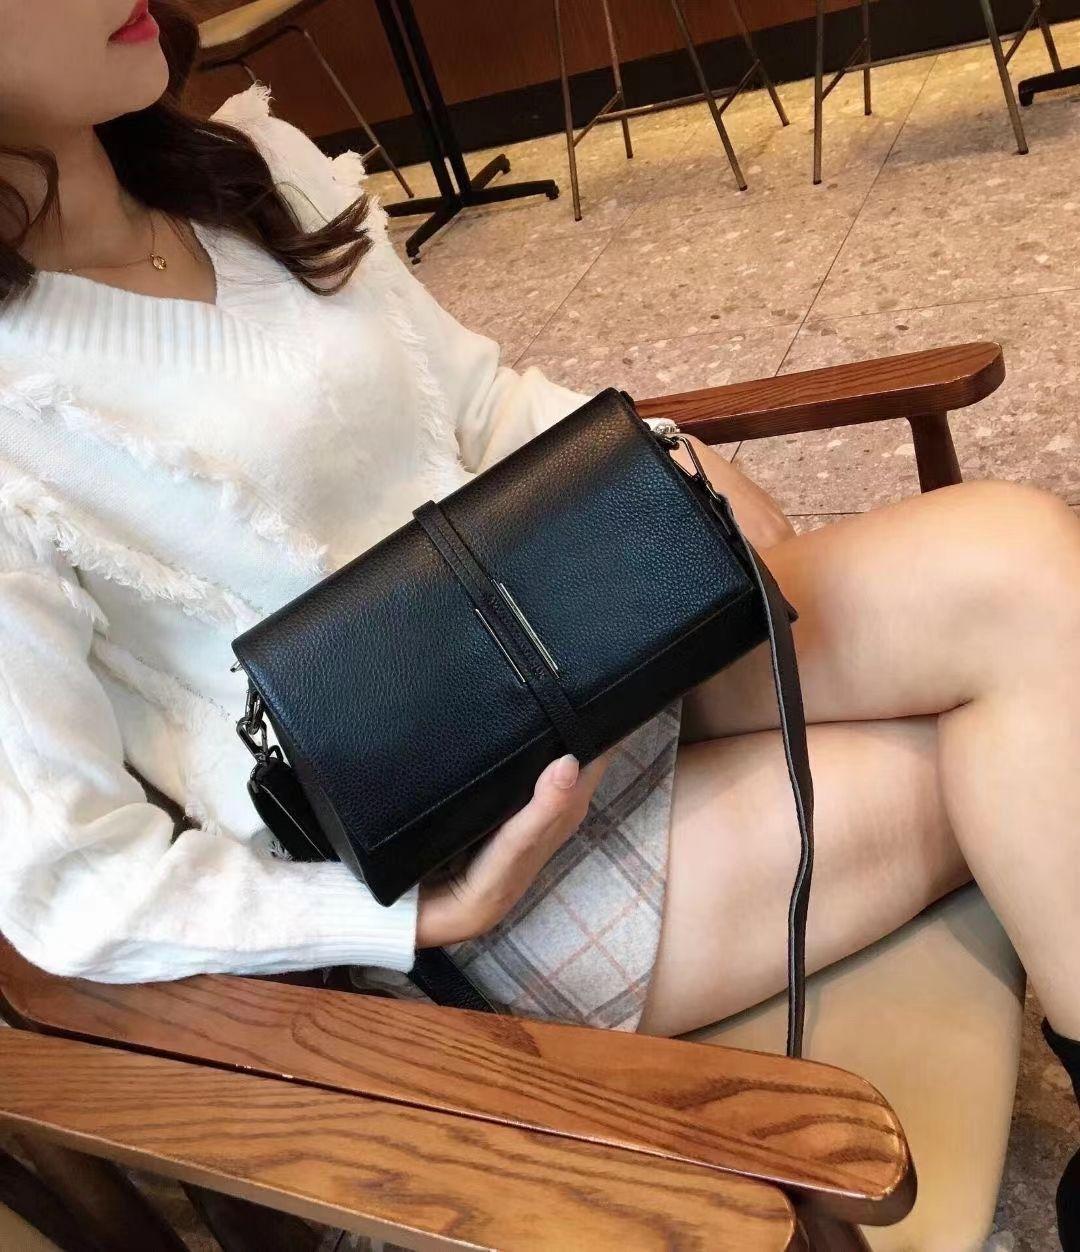 HBP Tasarımcısı Yüksek Kalite Klasik Çevirme Omuz Çantaları Hakiki Deri Tote Kadın Cüzdanlar